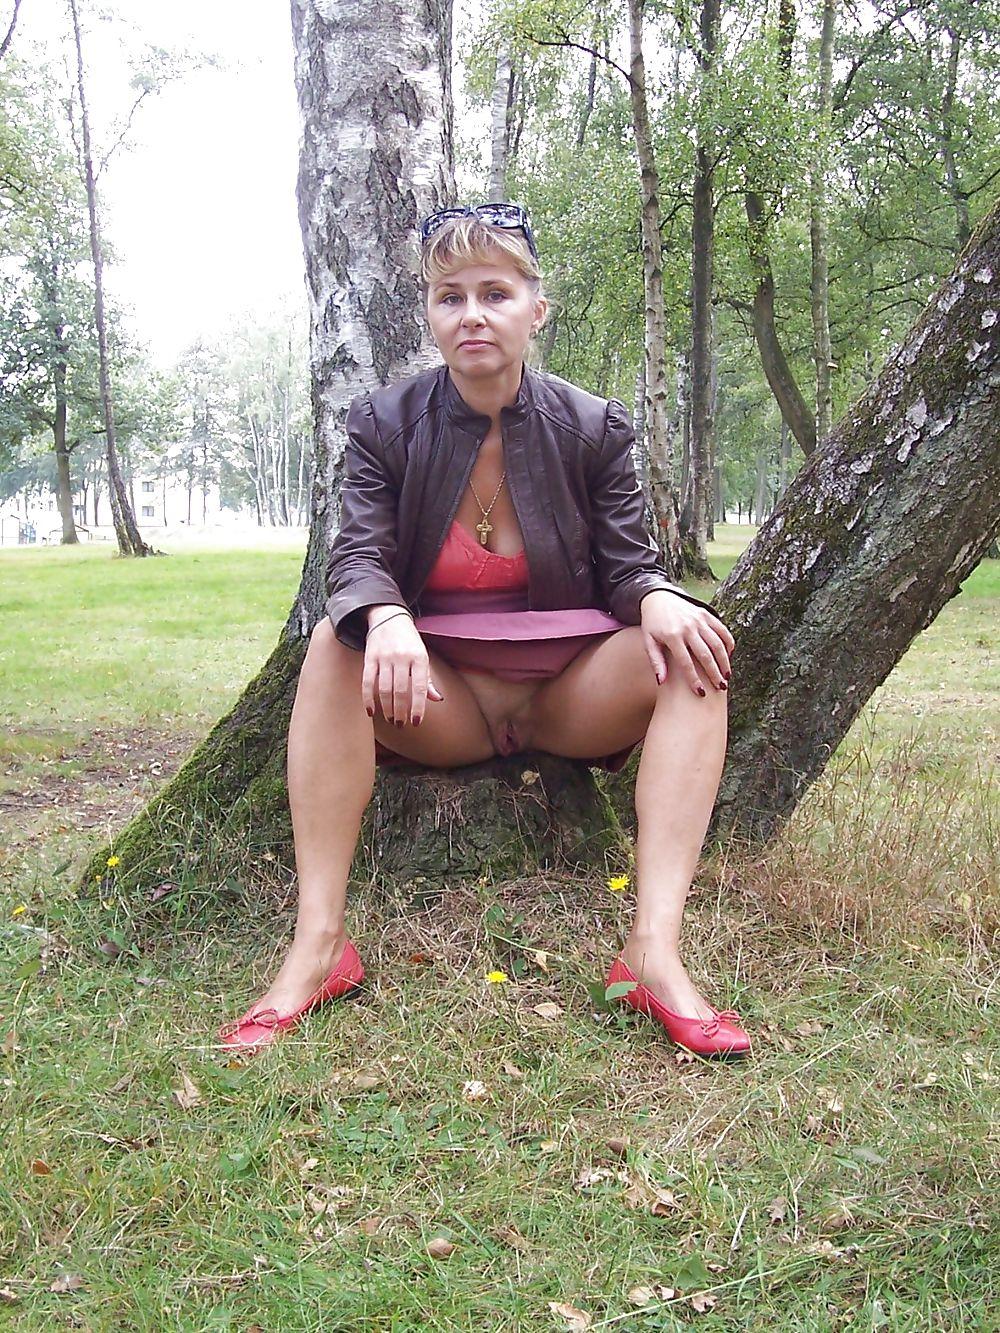 porno-foto-zhenshina-na-kortochkah-vozbuzhdenie-u-zhenshini-smazka